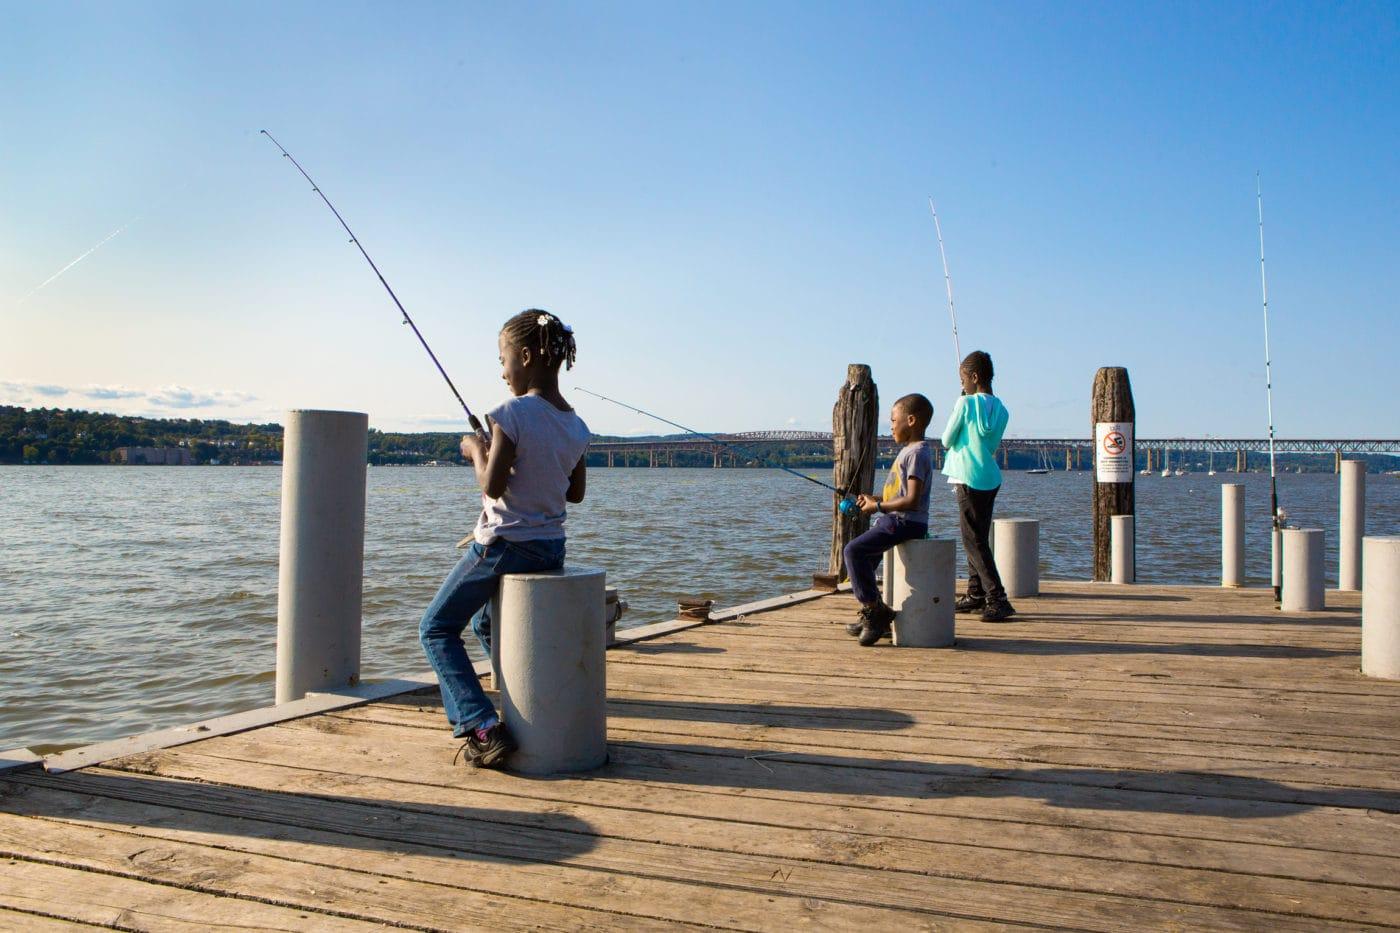 Fishing at Long Dock Park, Beacon, NY